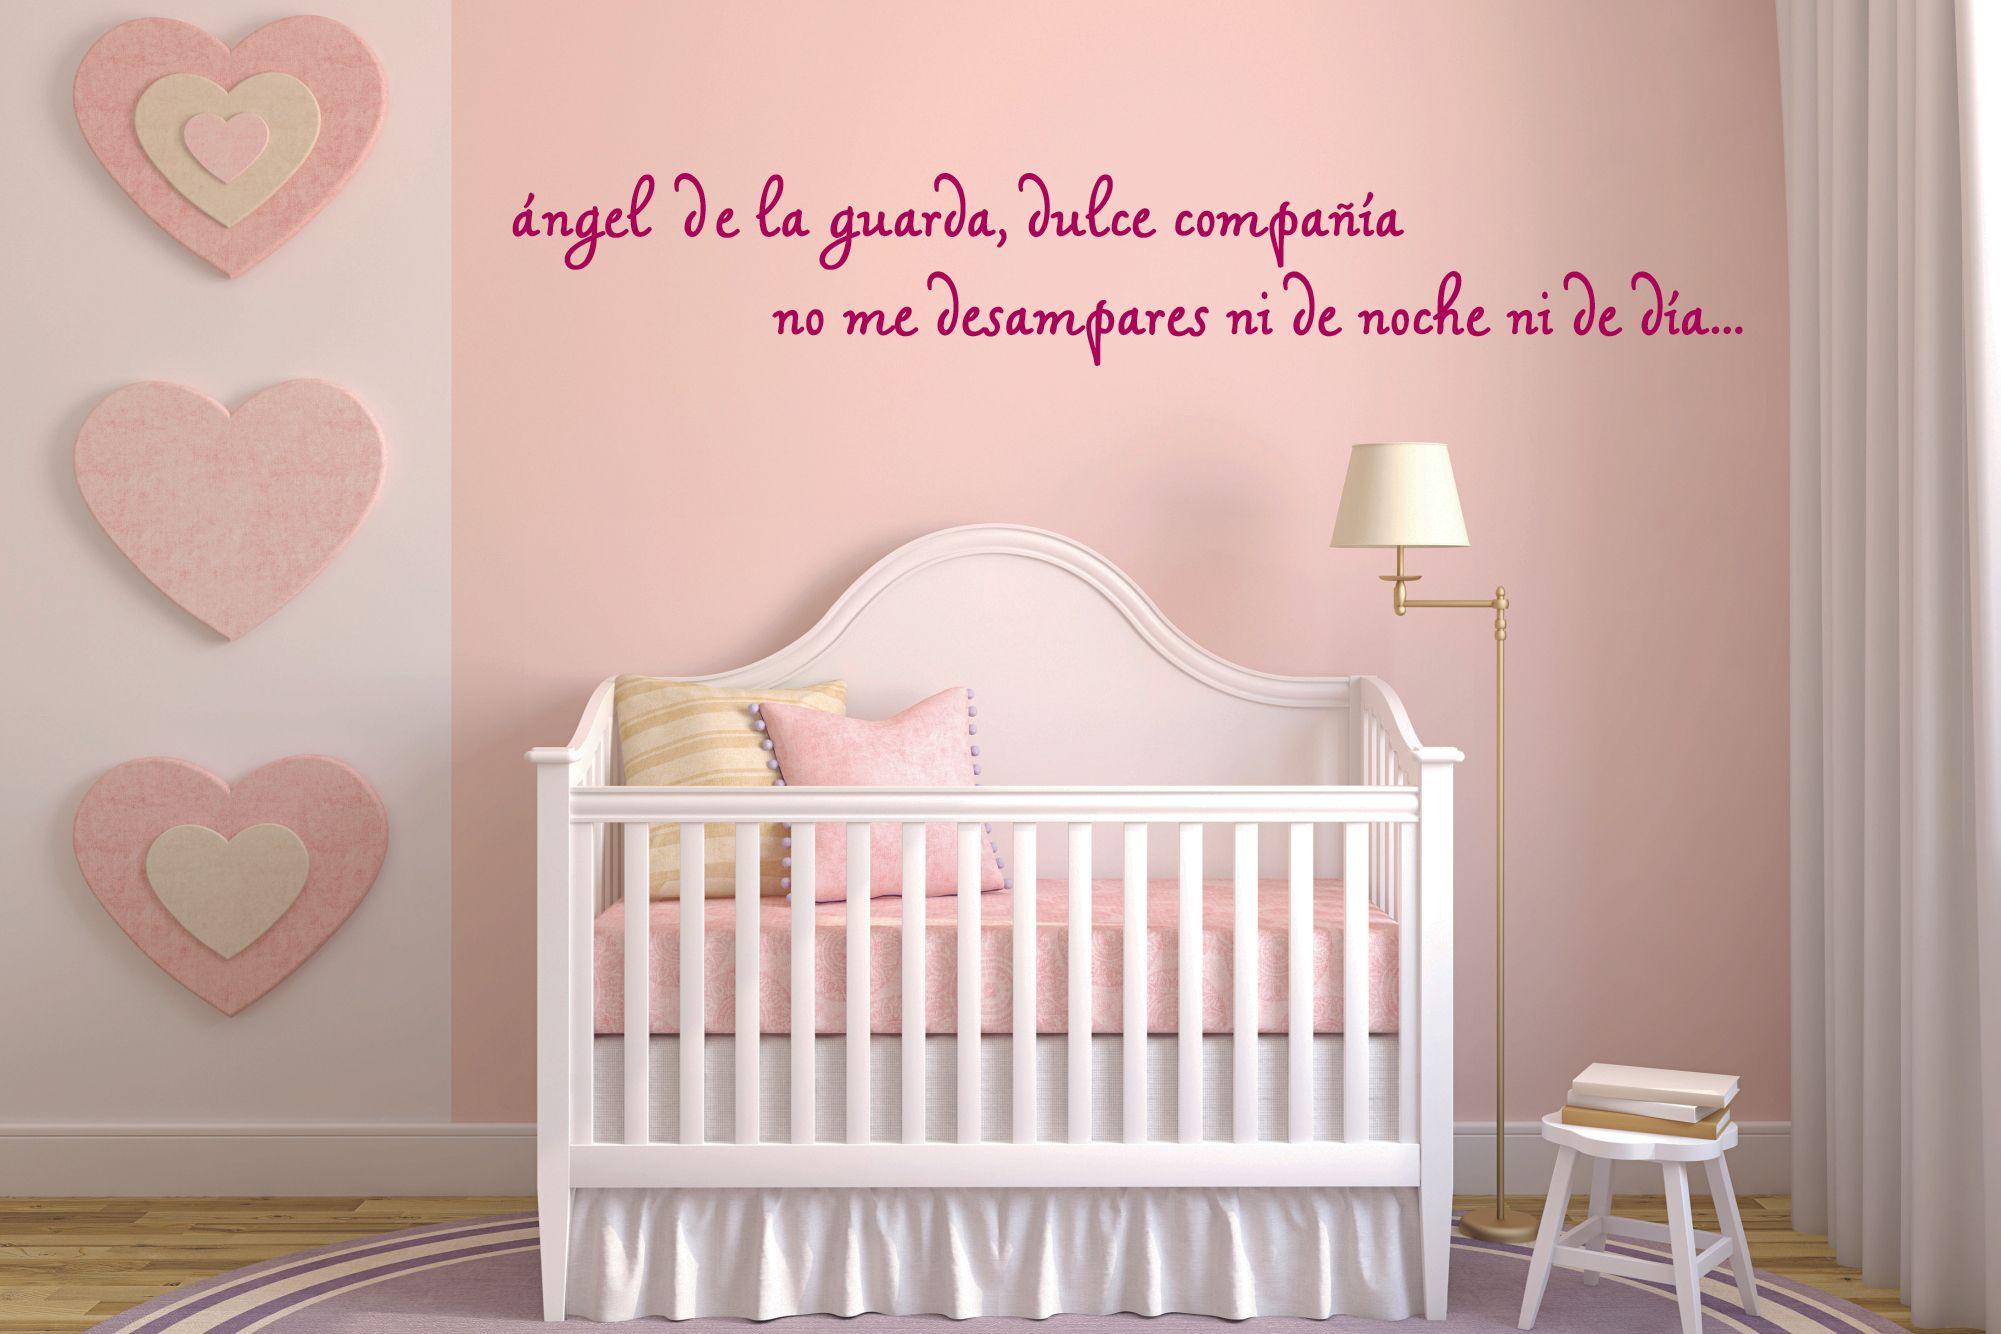 Frase del ángel de la guarda en vinilo para decorar tus paredes ...